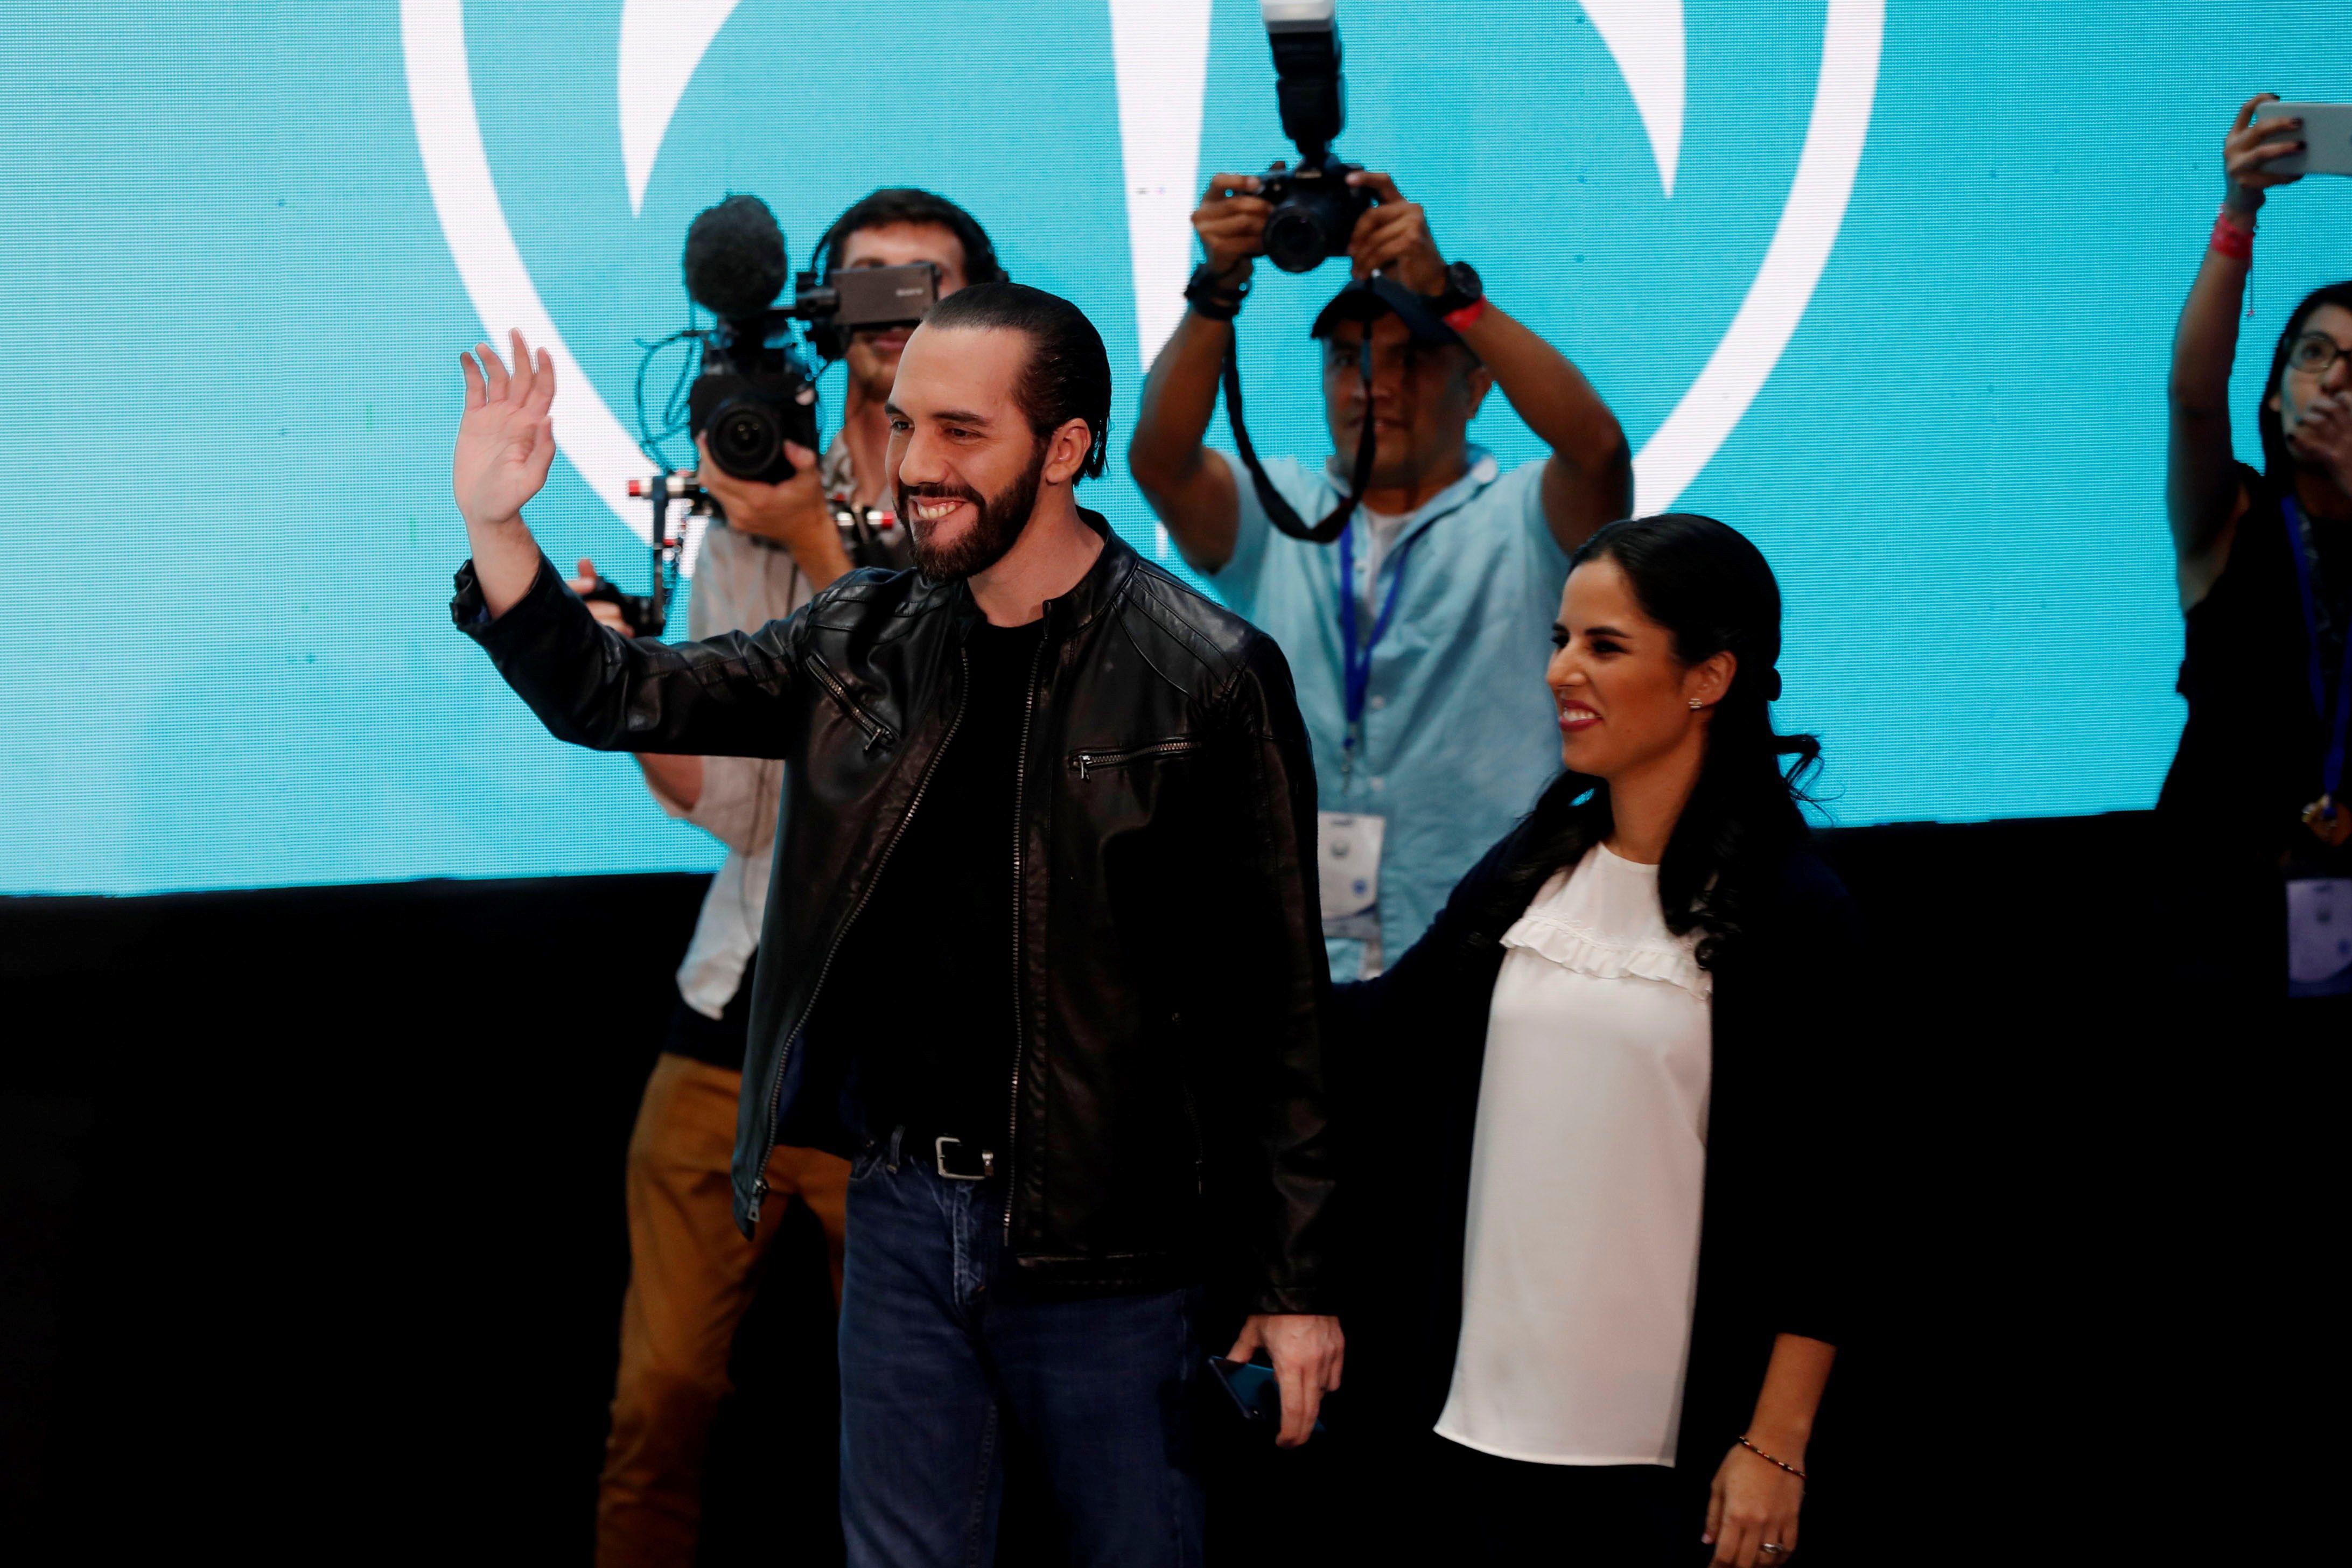 Nayib Bukele, y su esposa, Gabriele de Bukele, participan en conferencia a la prensa en la que anunció su virtual victoria como presidente de El Salvador. (Foto Prensa Libre: EFE)